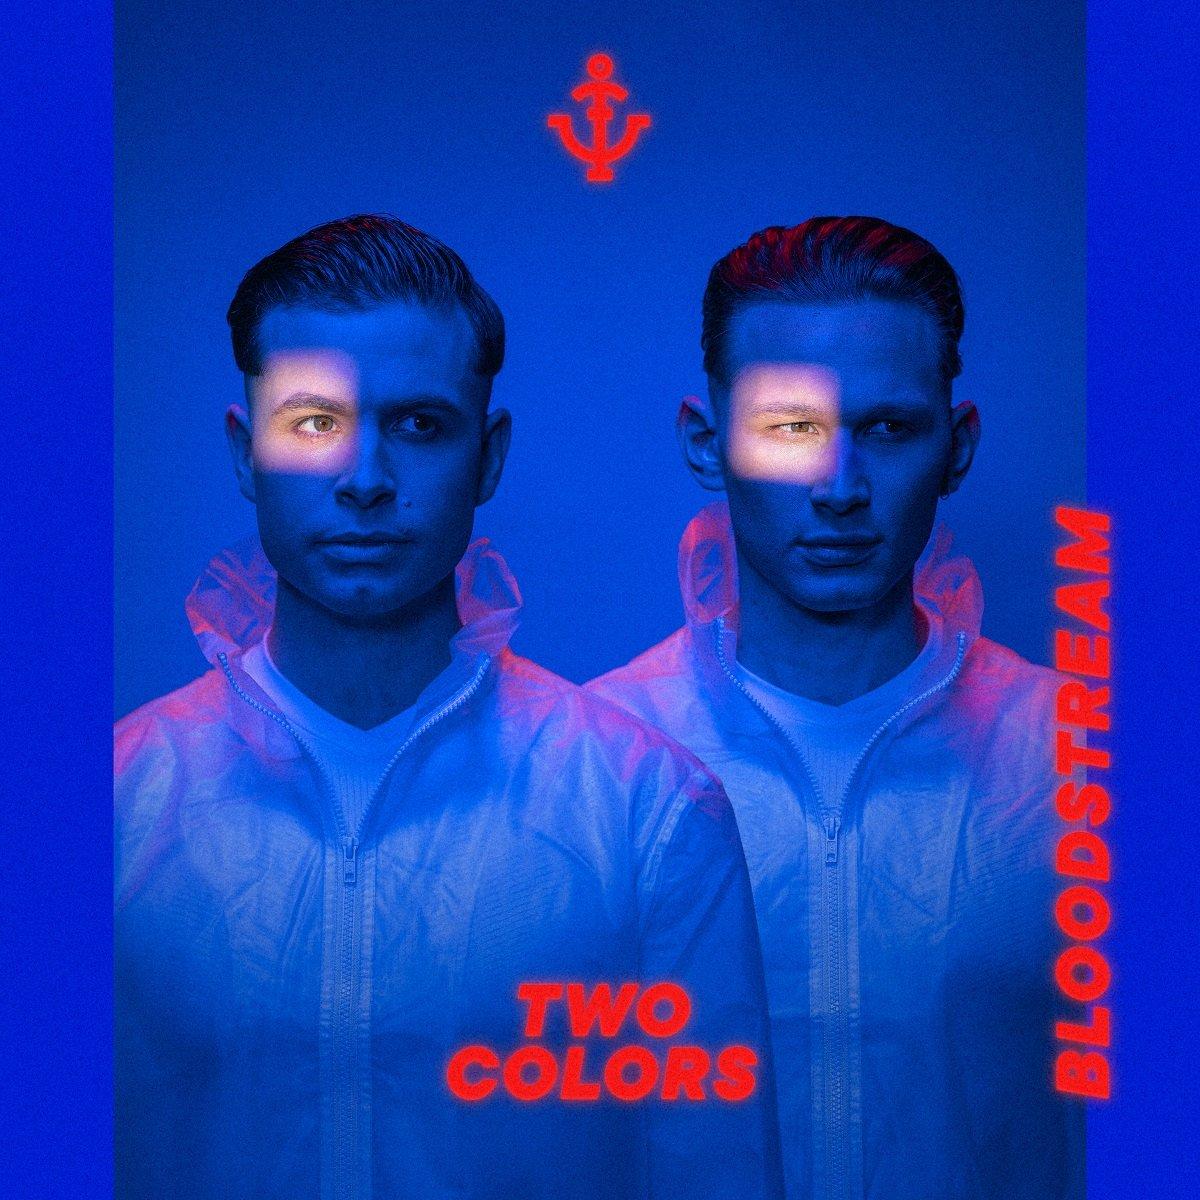 twocolors – BLOODSTREAM